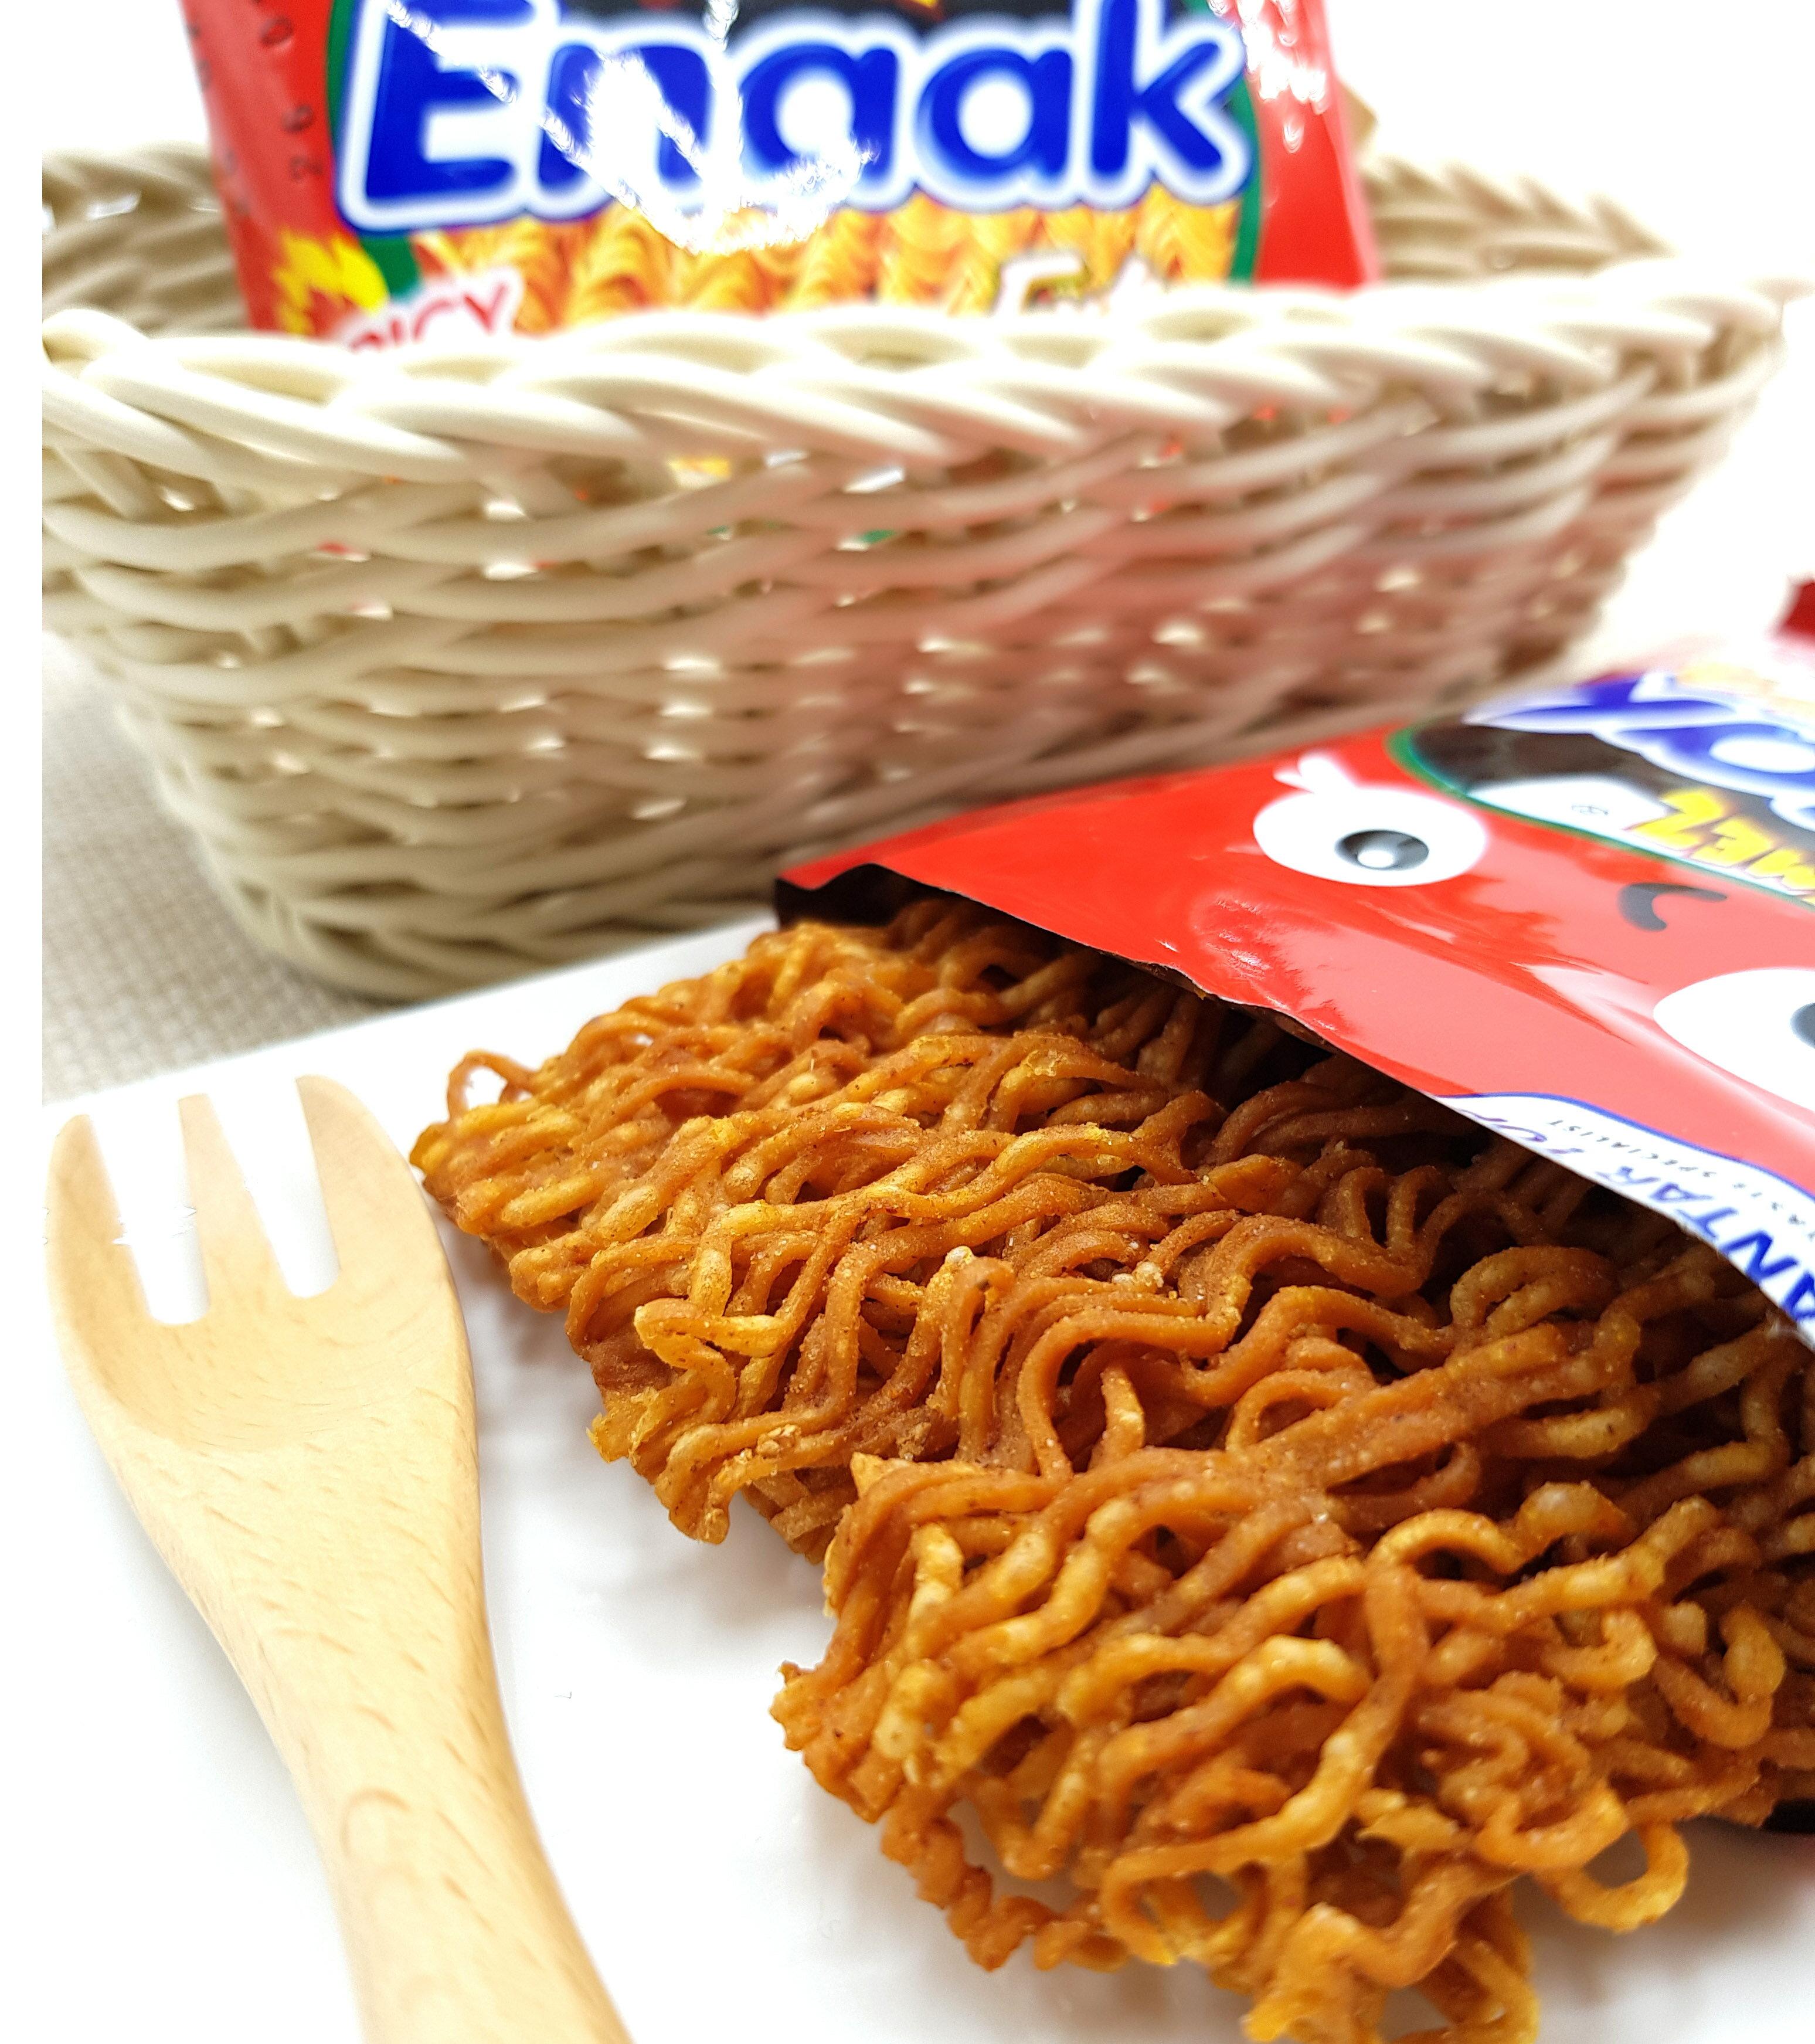 《Chara 微百貨》絕對現貨 韓國 Enaak 小雞麵 辣味 大雞麵 怪獸 點心麵 小雞 辣小雞 酸奶 小鴨麵 洋蔥 6